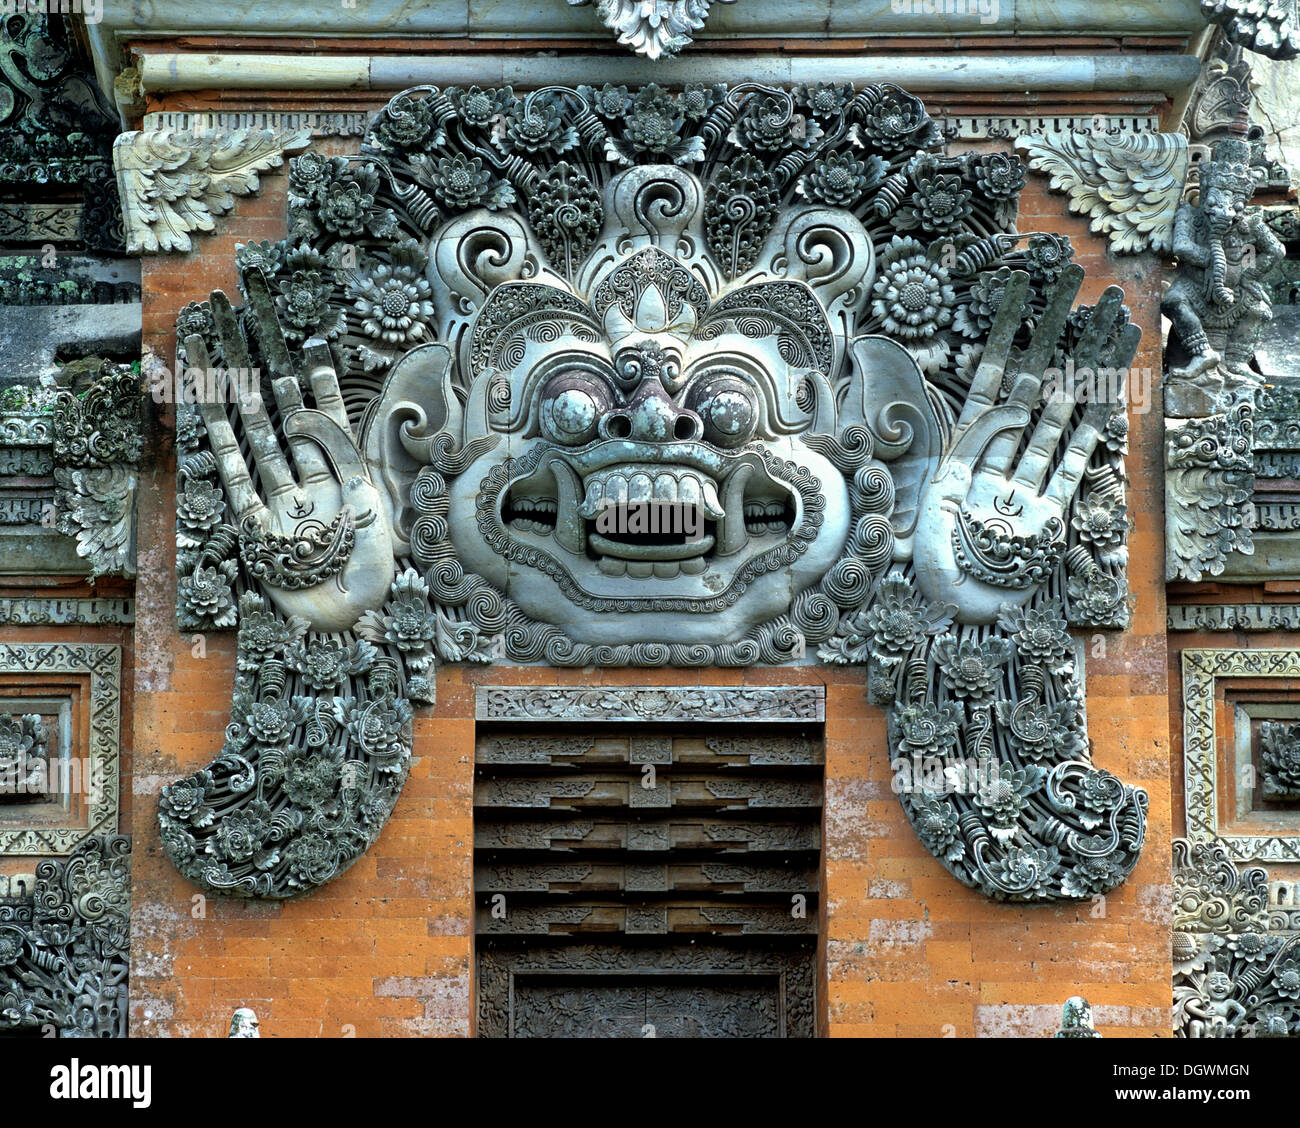 Barong, roi de la bonne humeur, la mythologie, l'entrée du temple balinais, Ubud, Bali, l'Asie, l'Indonésie Photo Stock